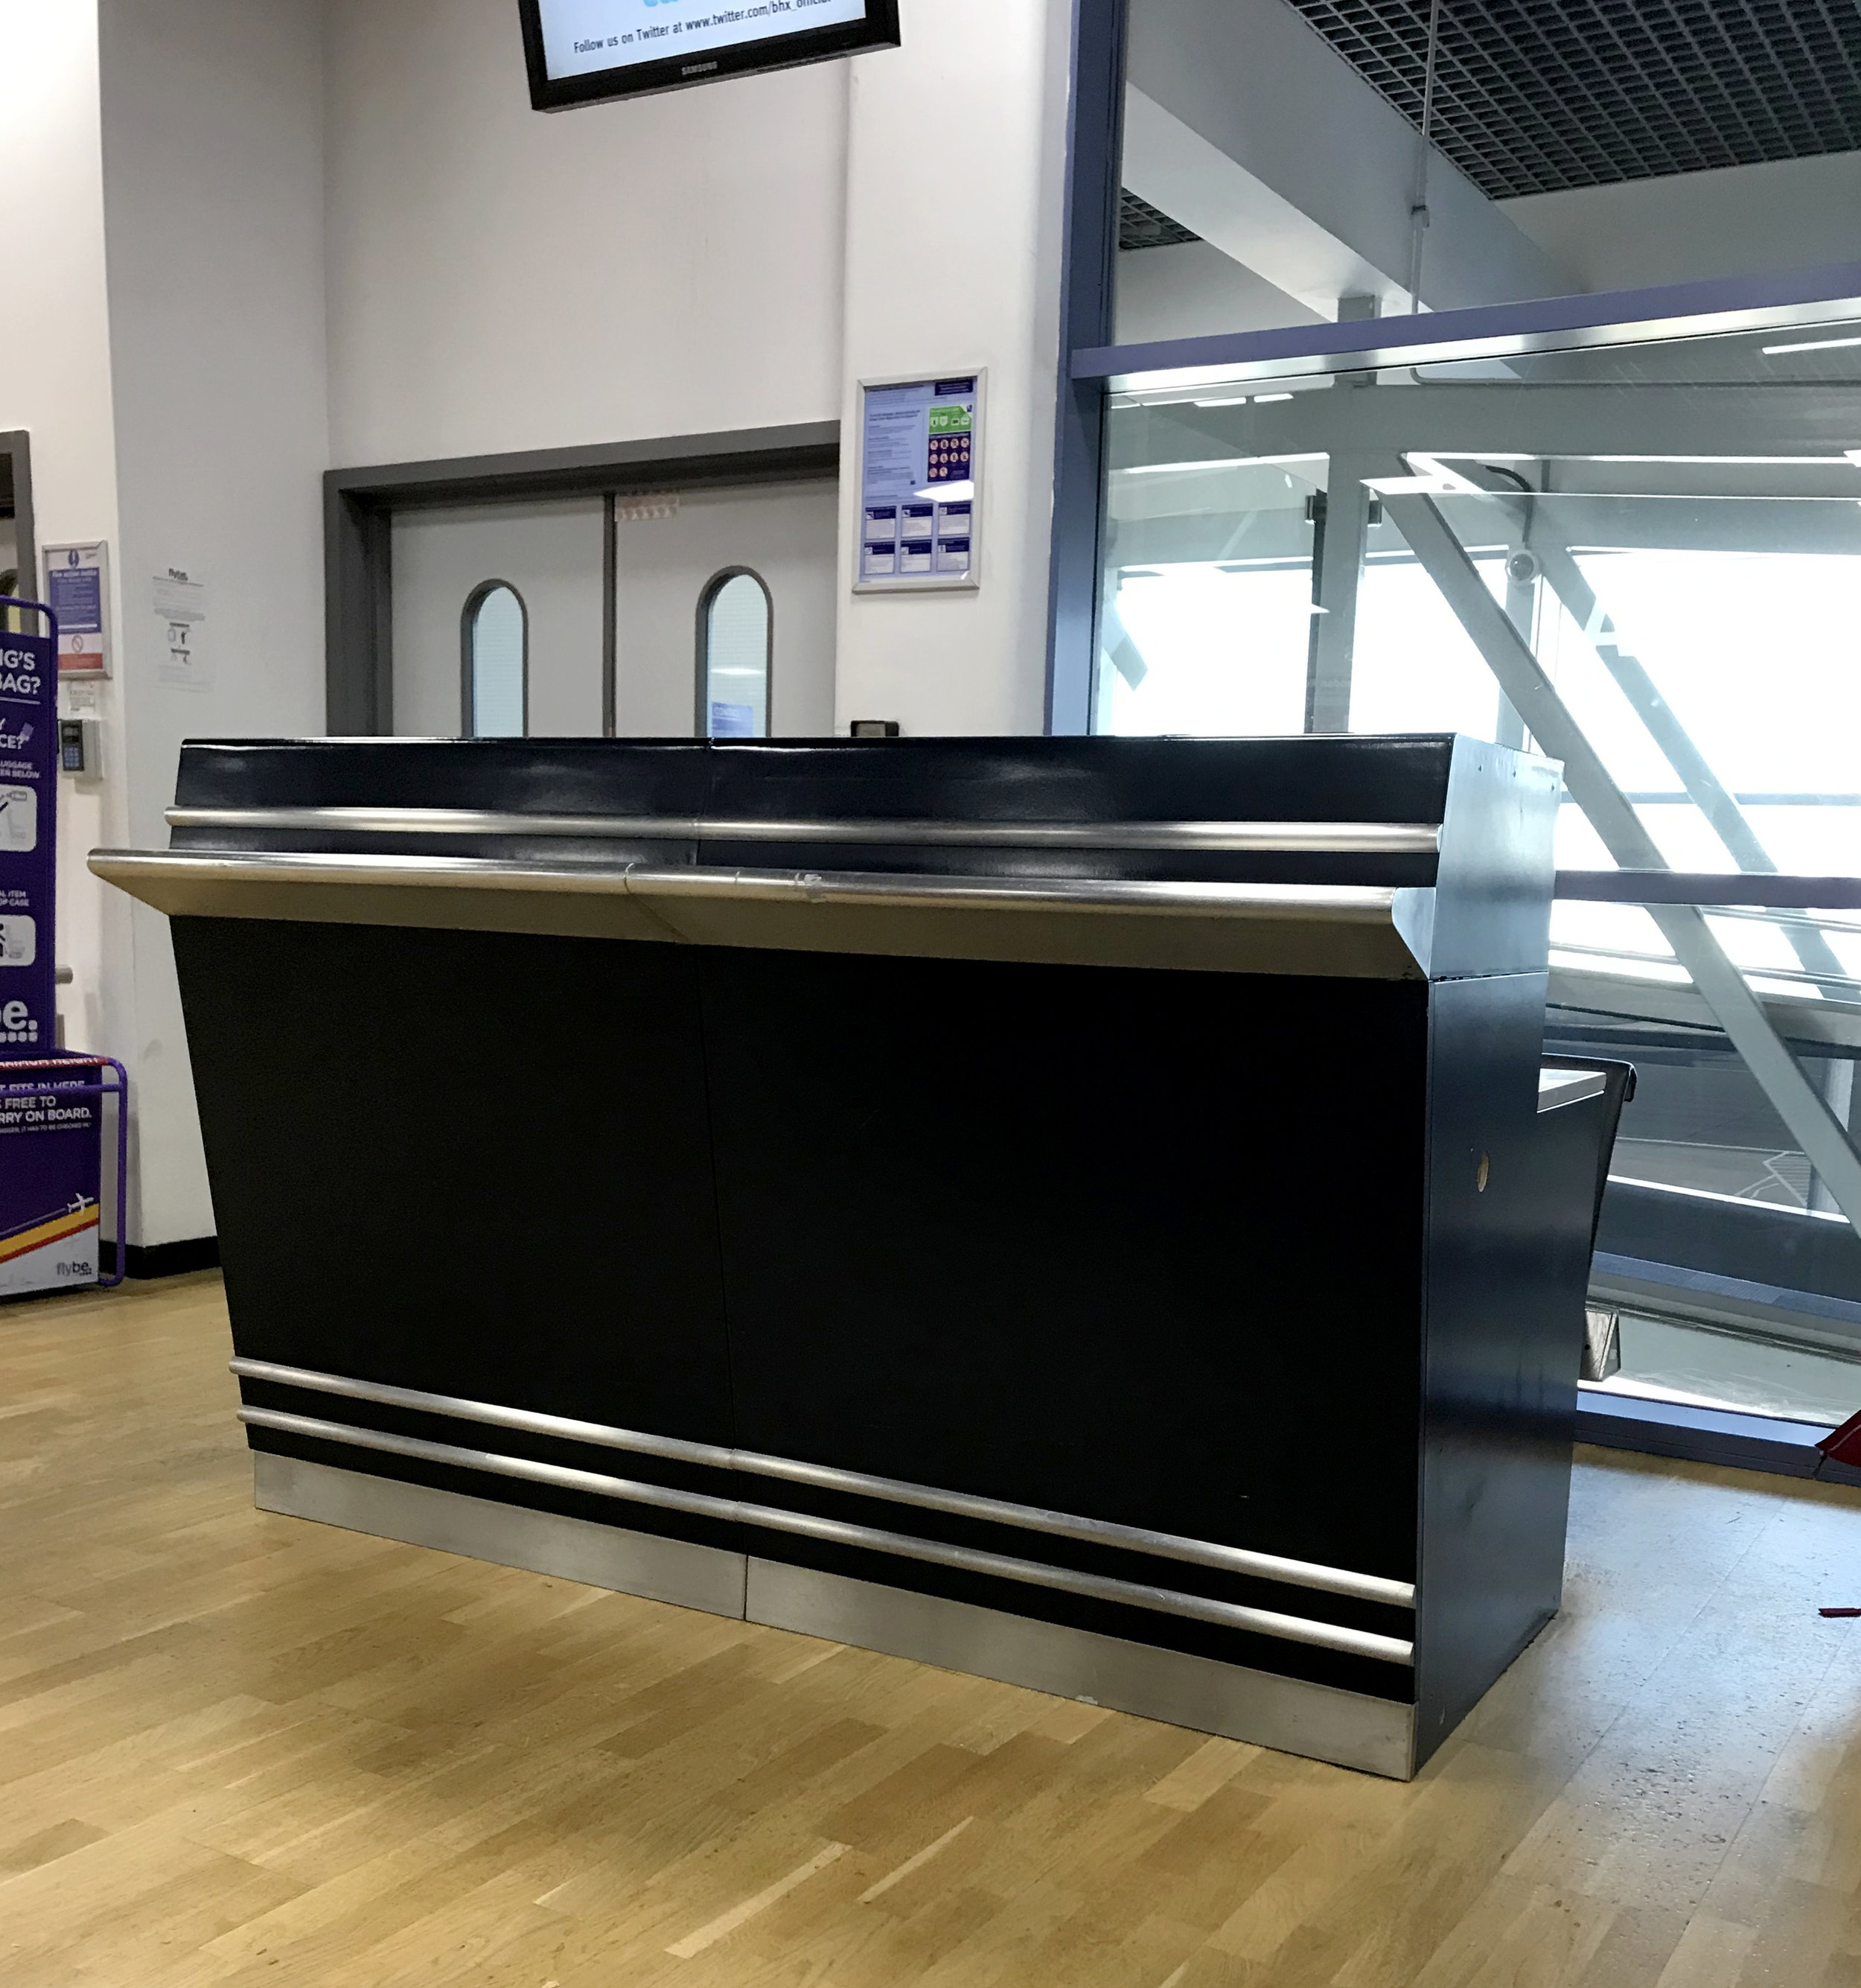 British Airways Desk